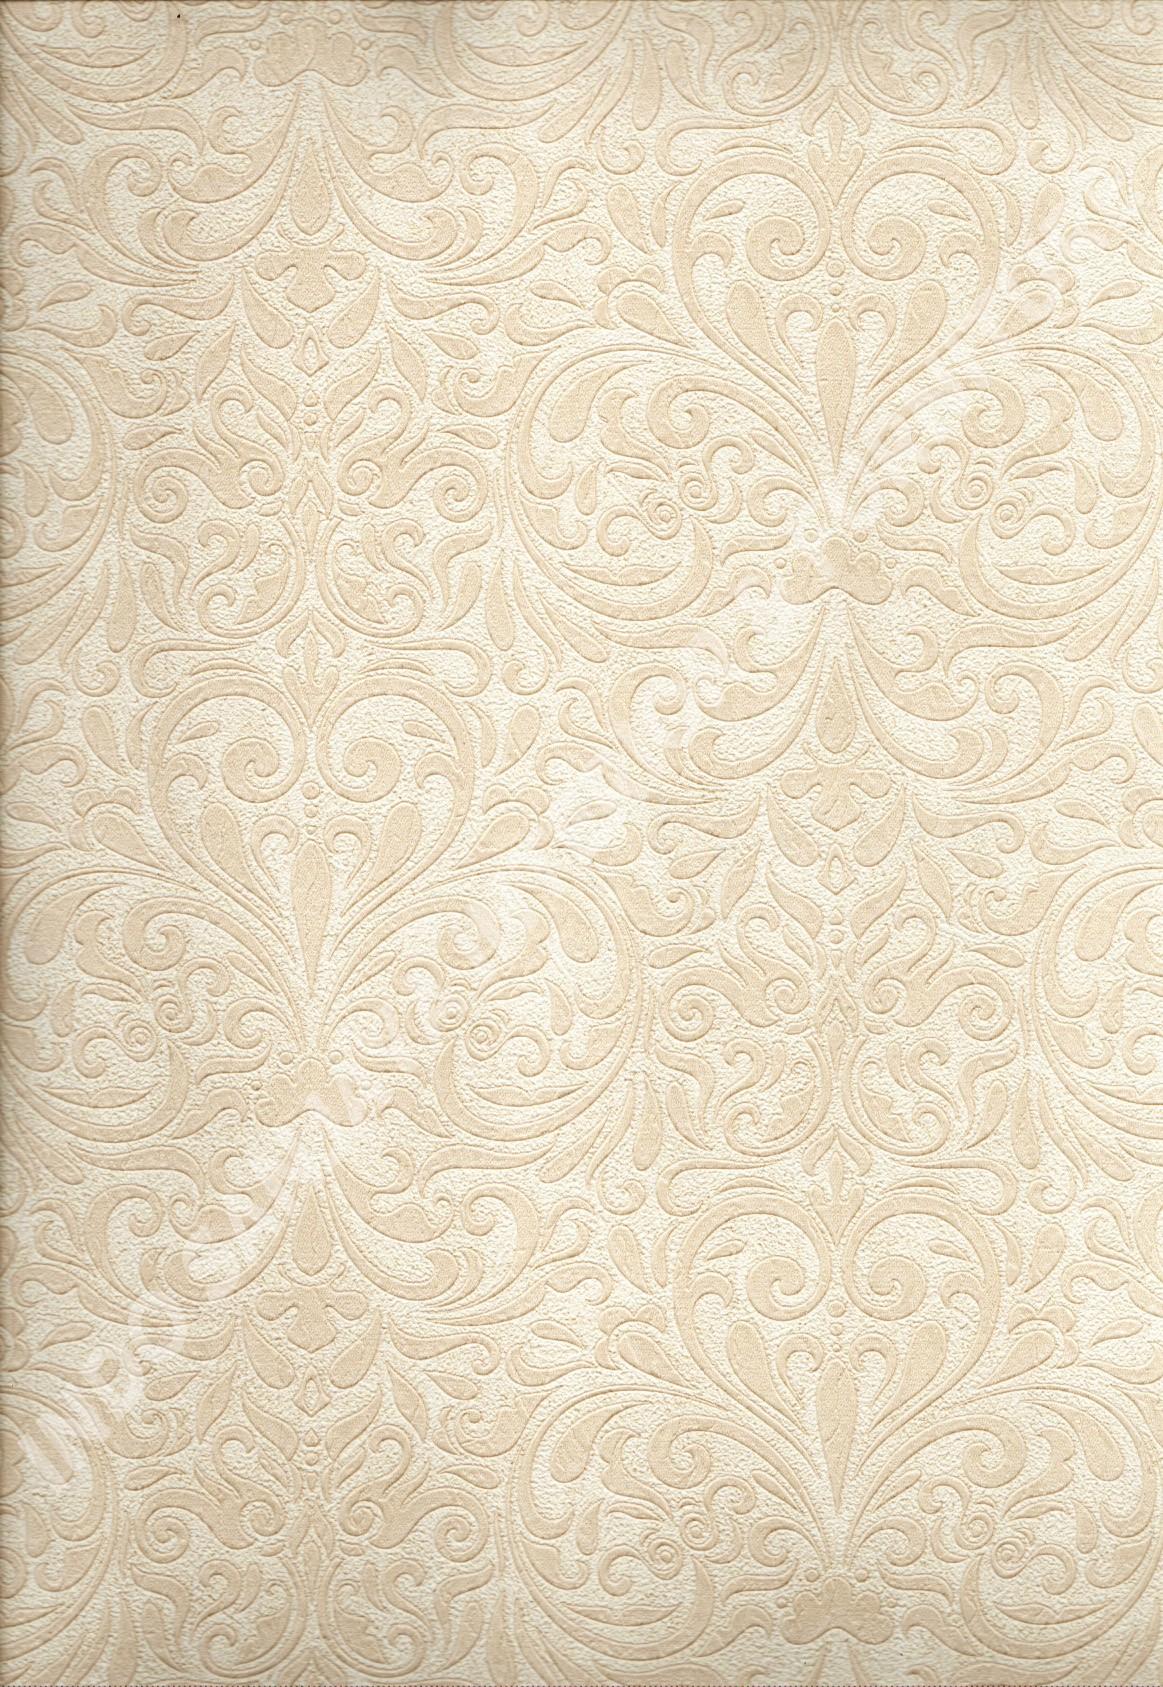 wallpaper   Wallpaper Klasik Batik (Damask) 11031:11031 corak  warna